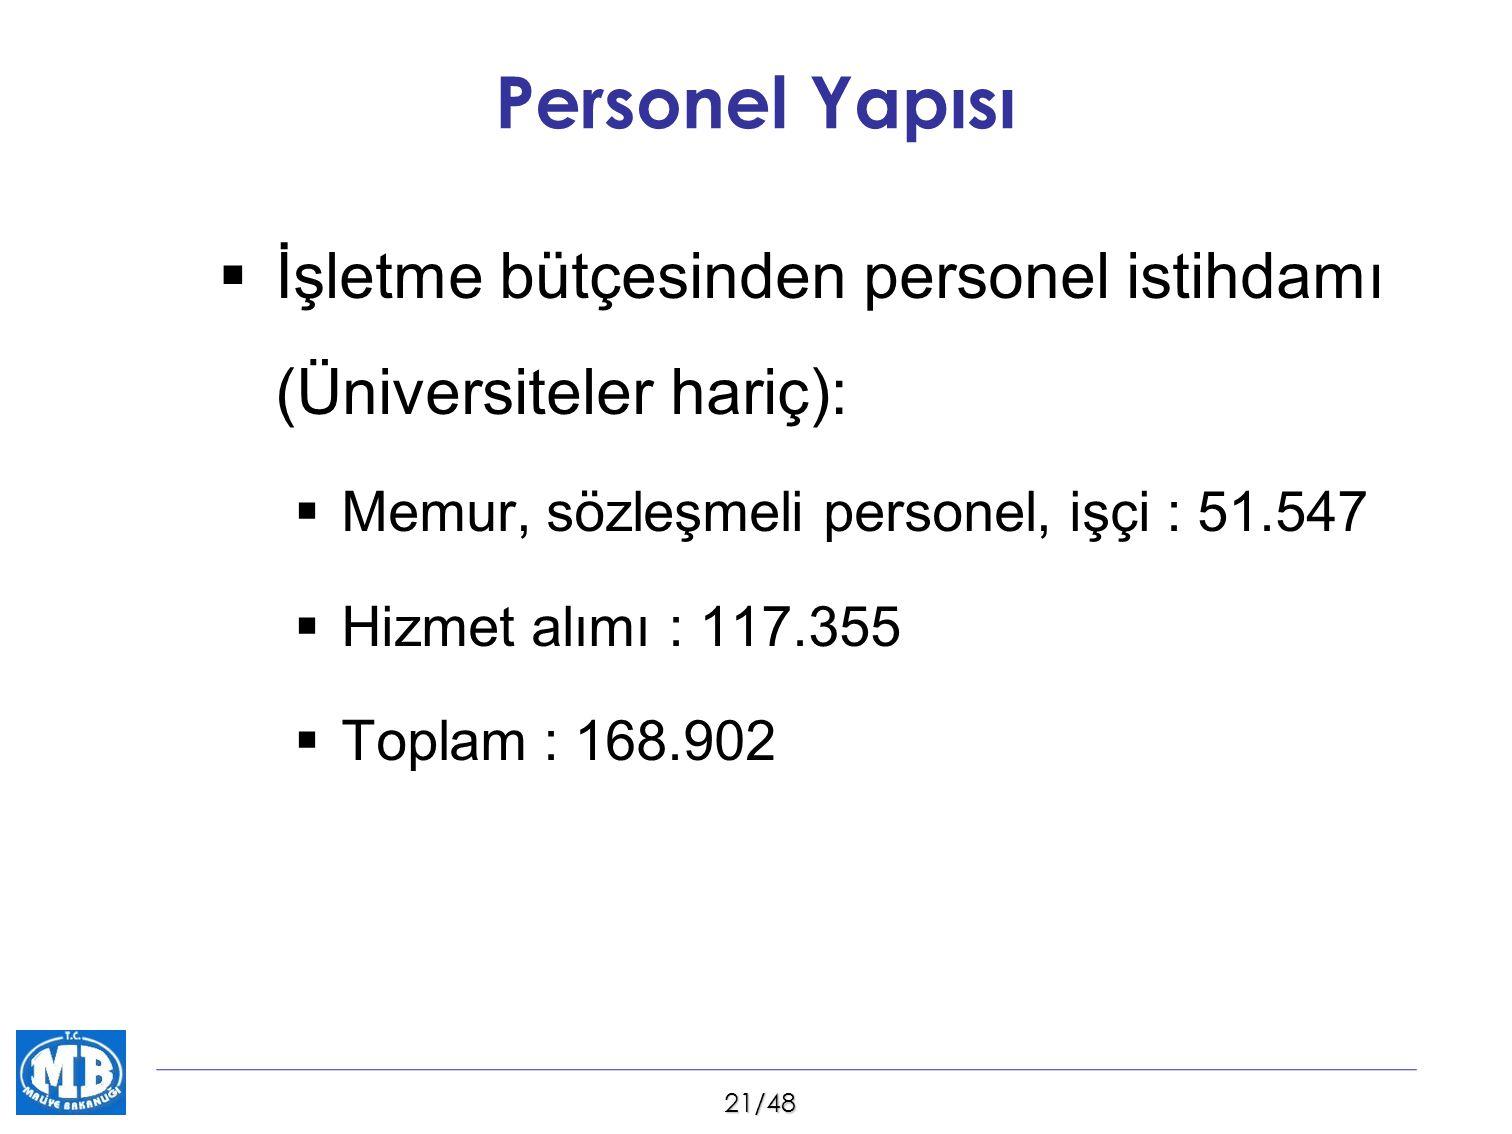 Personel Yapısı İşletme bütçesinden personel istihdamı (Üniversiteler hariç): Memur, sözleşmeli personel, işçi : 51.547.